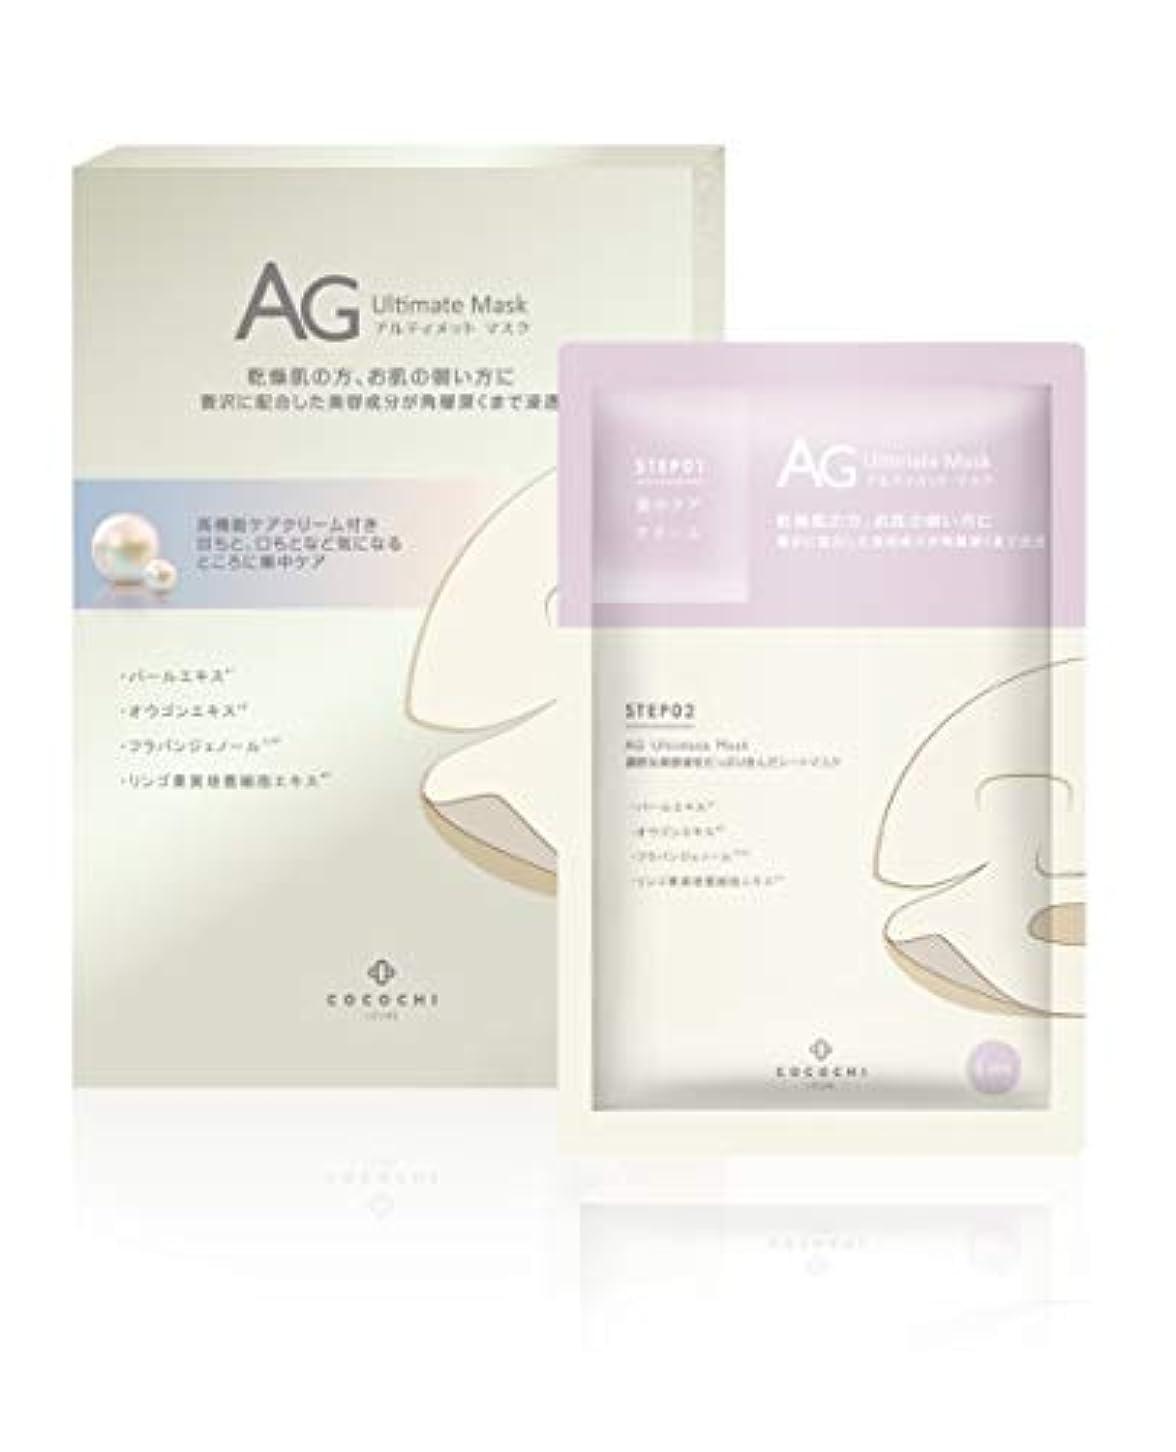 小包まともなブランデーエージーアルティメット(AGアルティメット) AGアルティメット アコヤ真珠マスク 5枚入り フェイスマスク